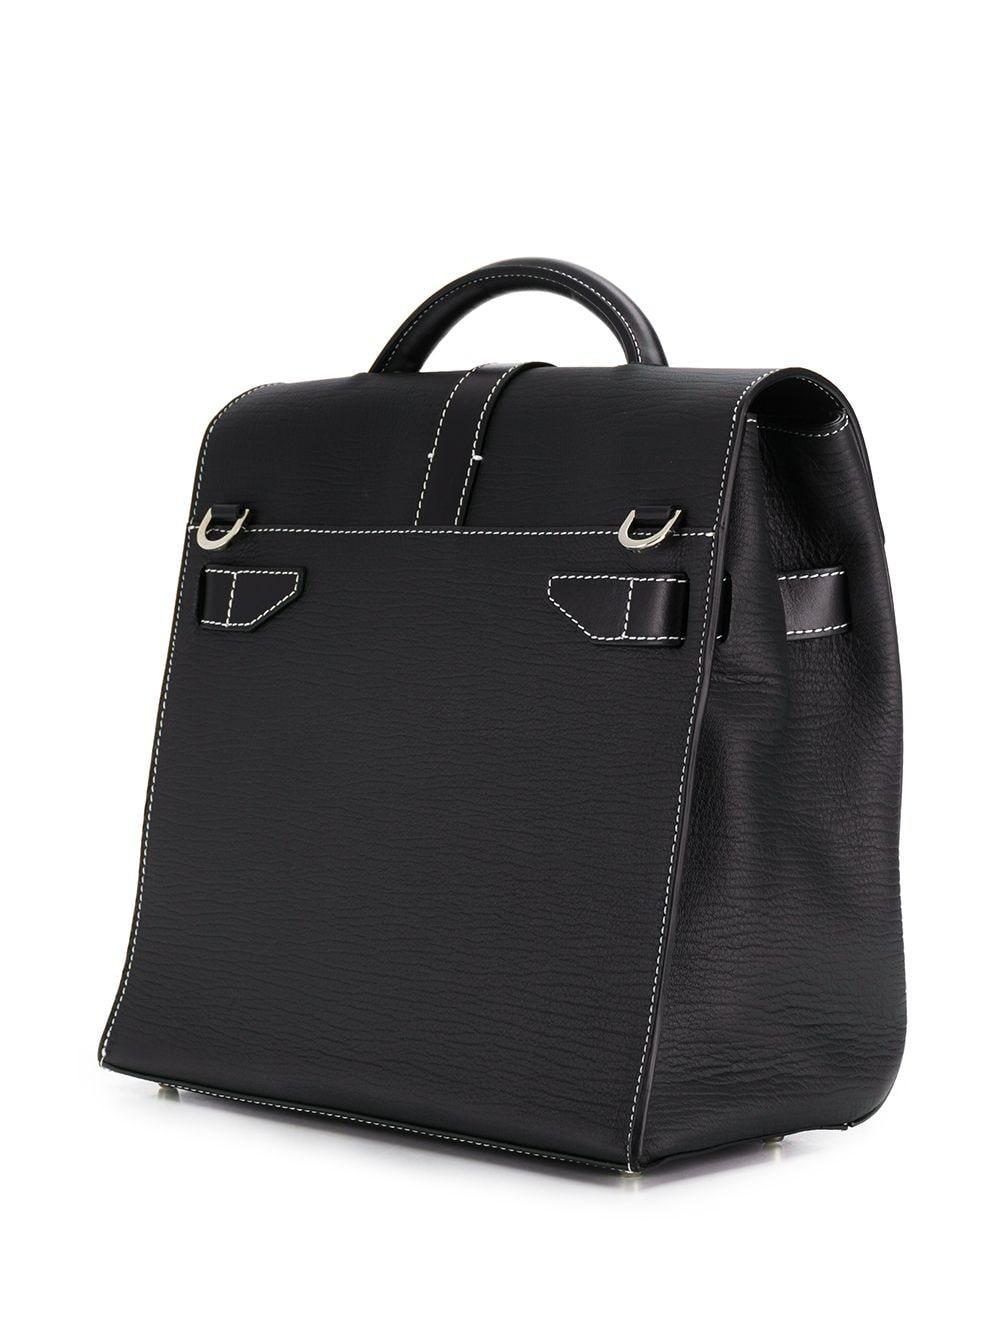 1017 ALYX 9SM Leder Handtasche mit Schnallen in Schwarz gUK0H